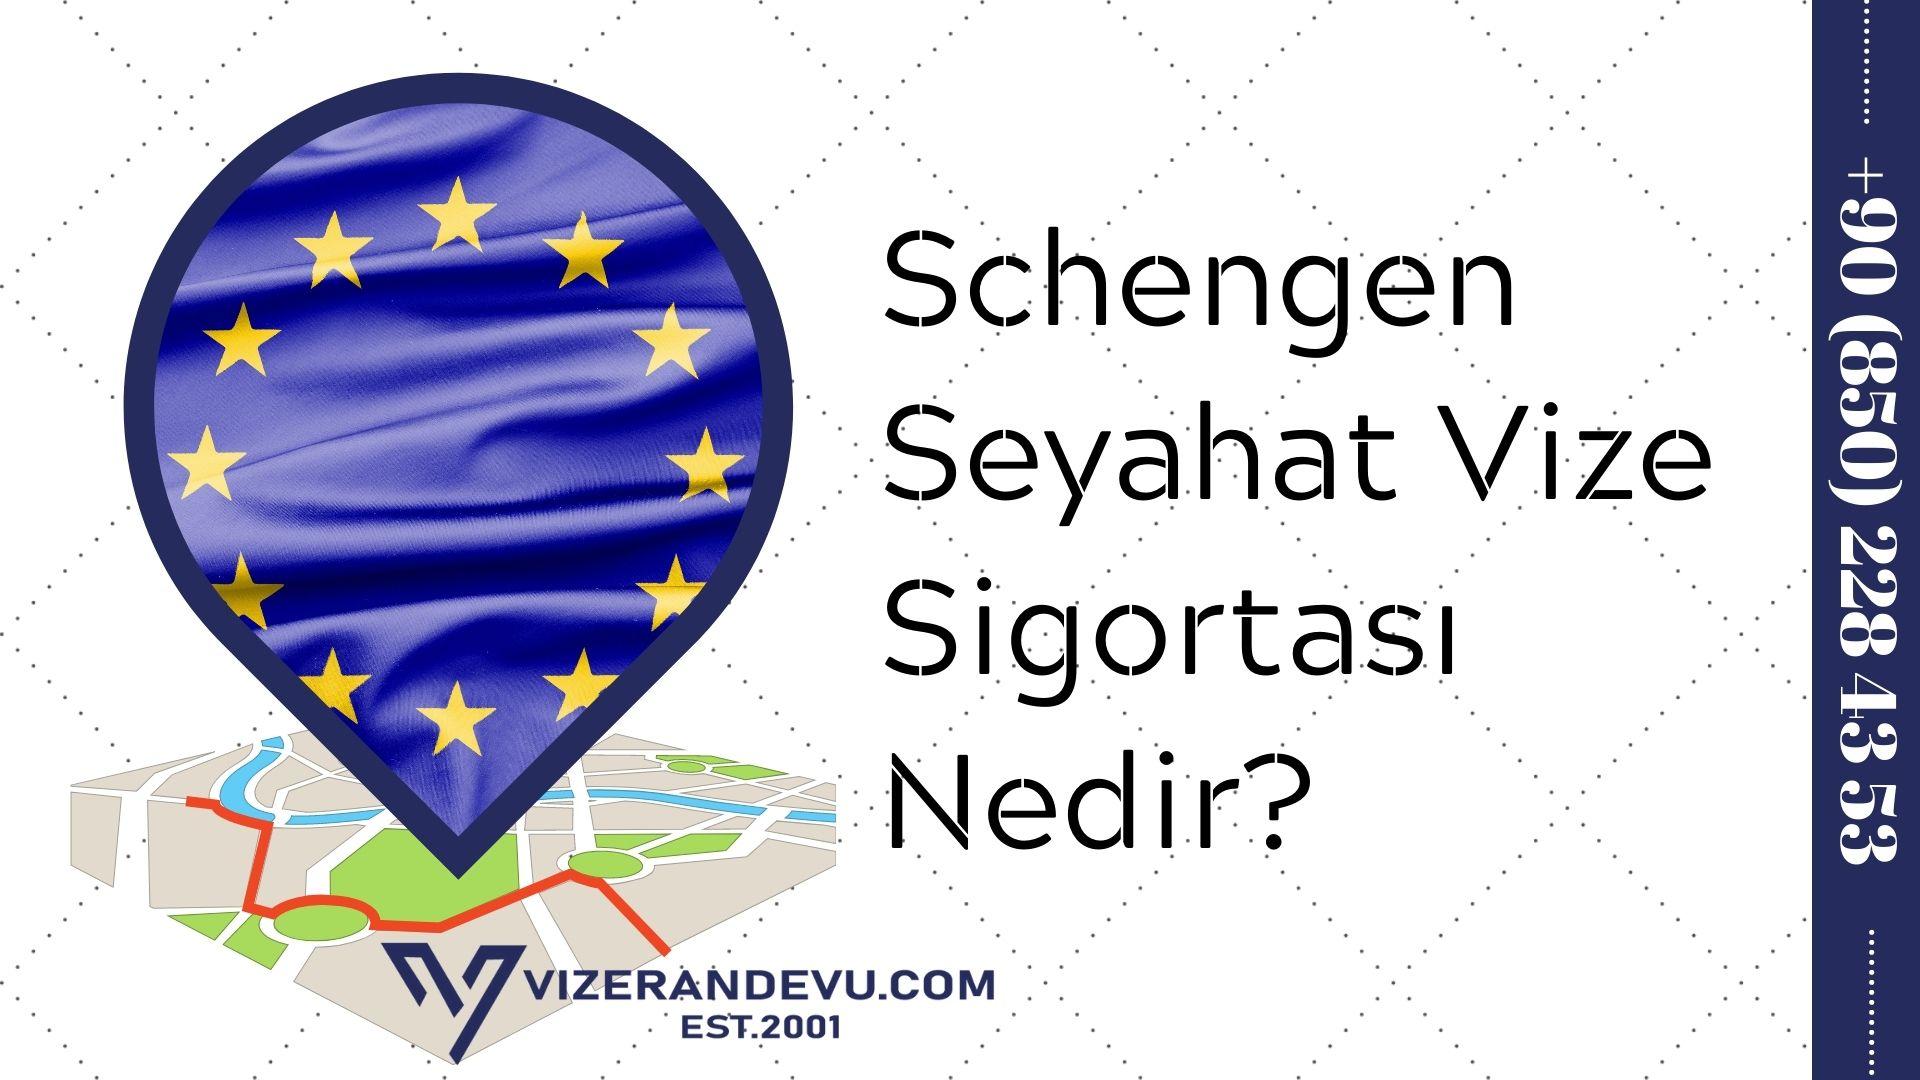 Schengen Seyahat Vize Sigortası Nedir? 1 – schengen seyahat vize sigortasi nedir 1